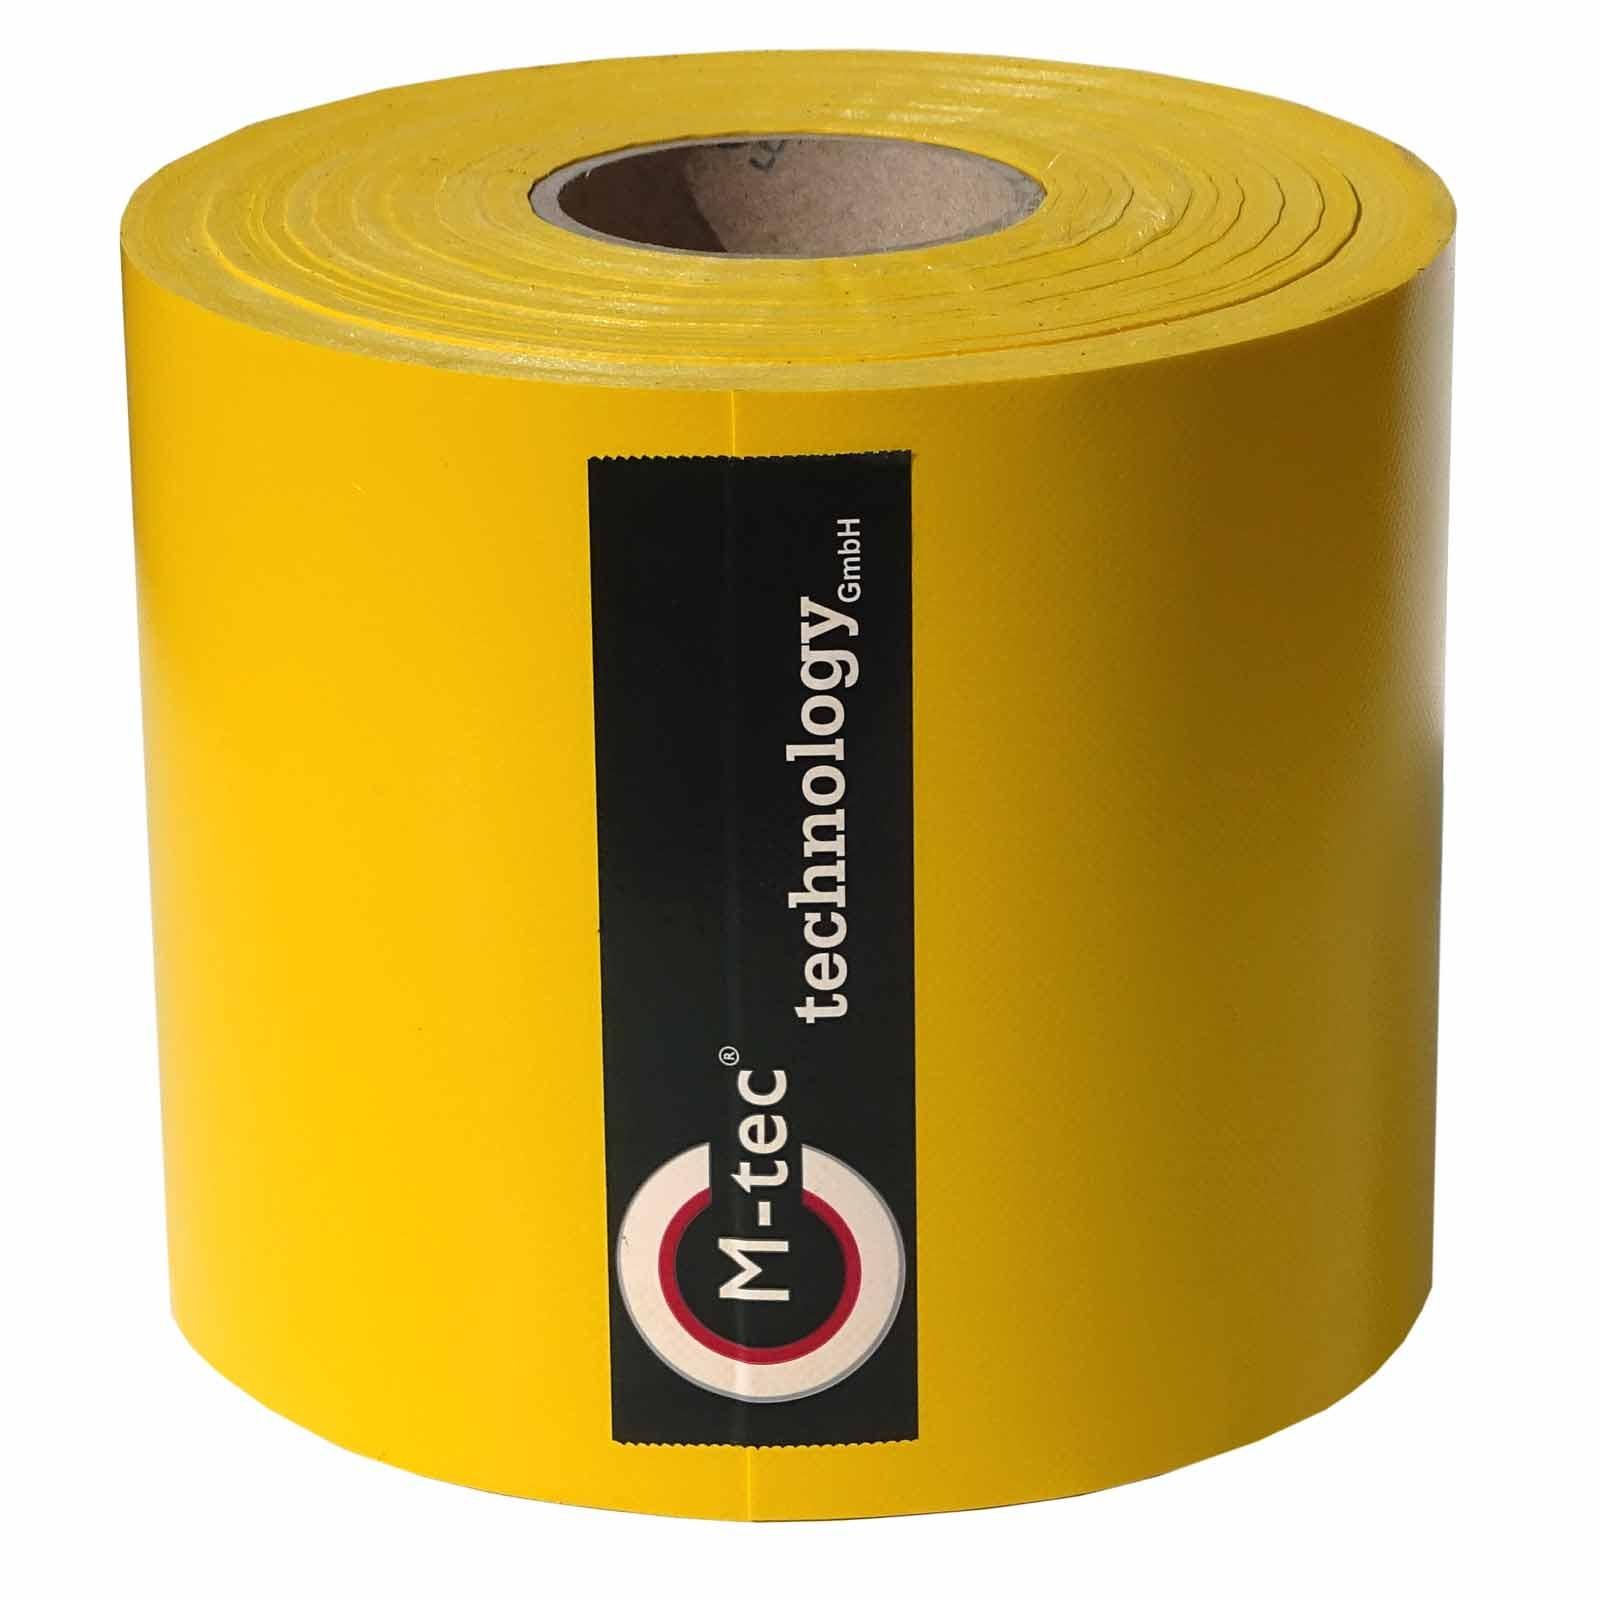 M-tec Profi-line ® Sichtschutzstreifen | gelb